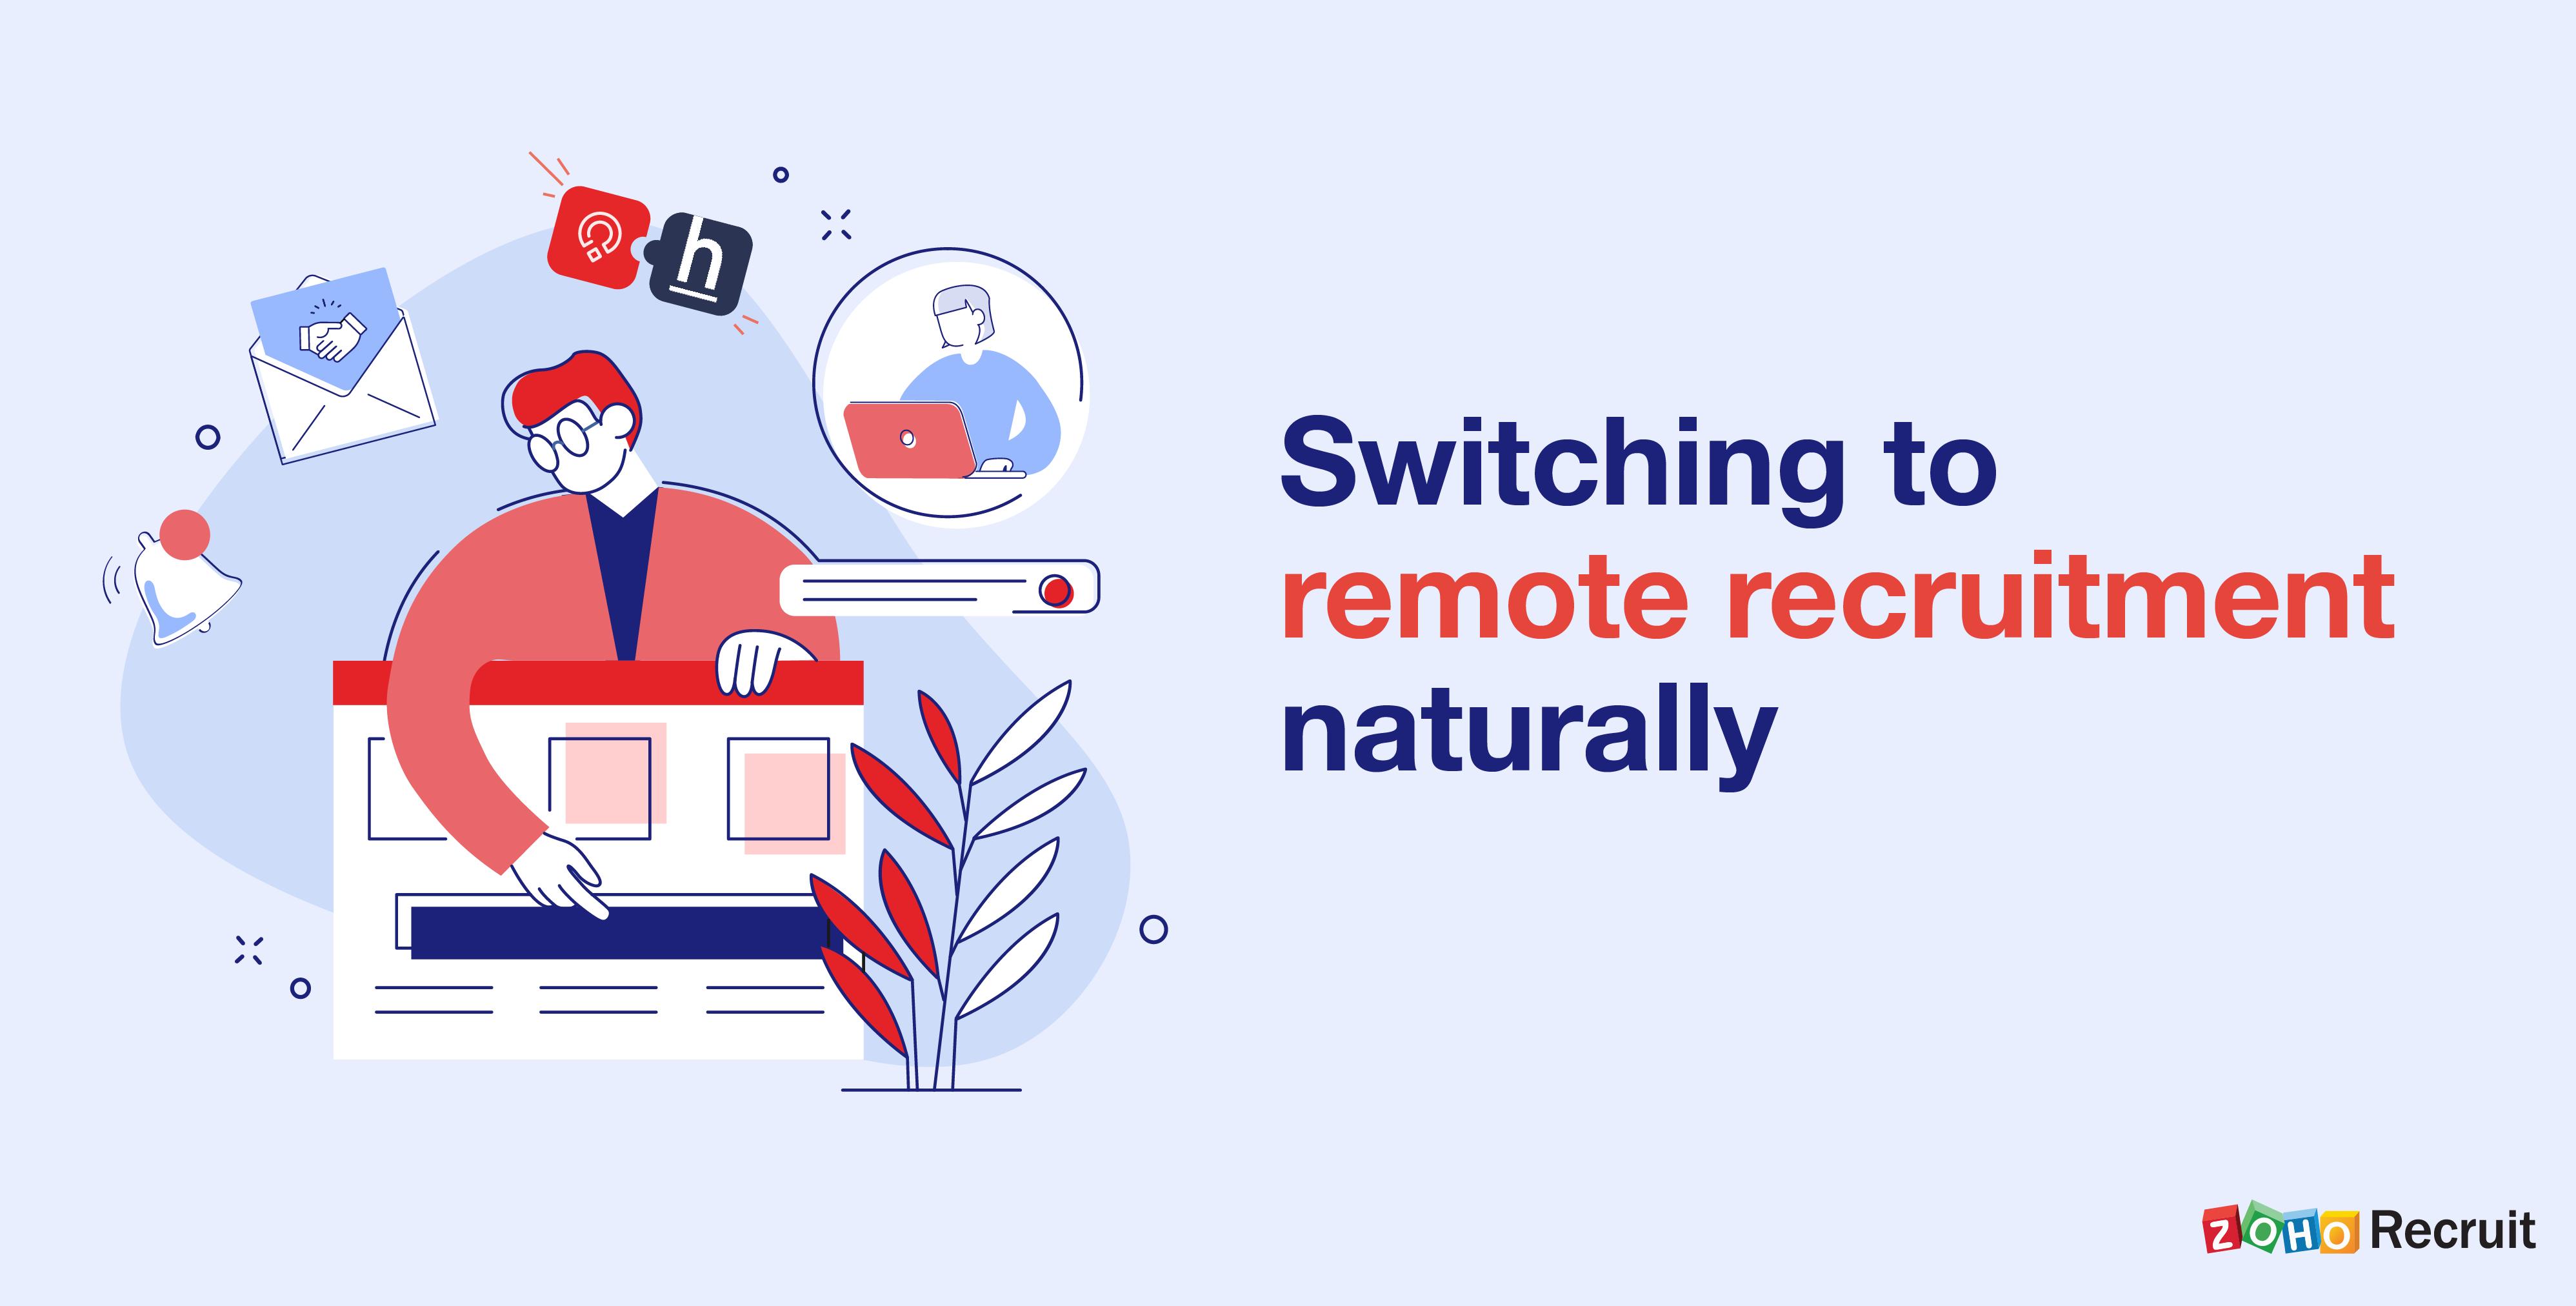 Hiring remotely? We've got your back.